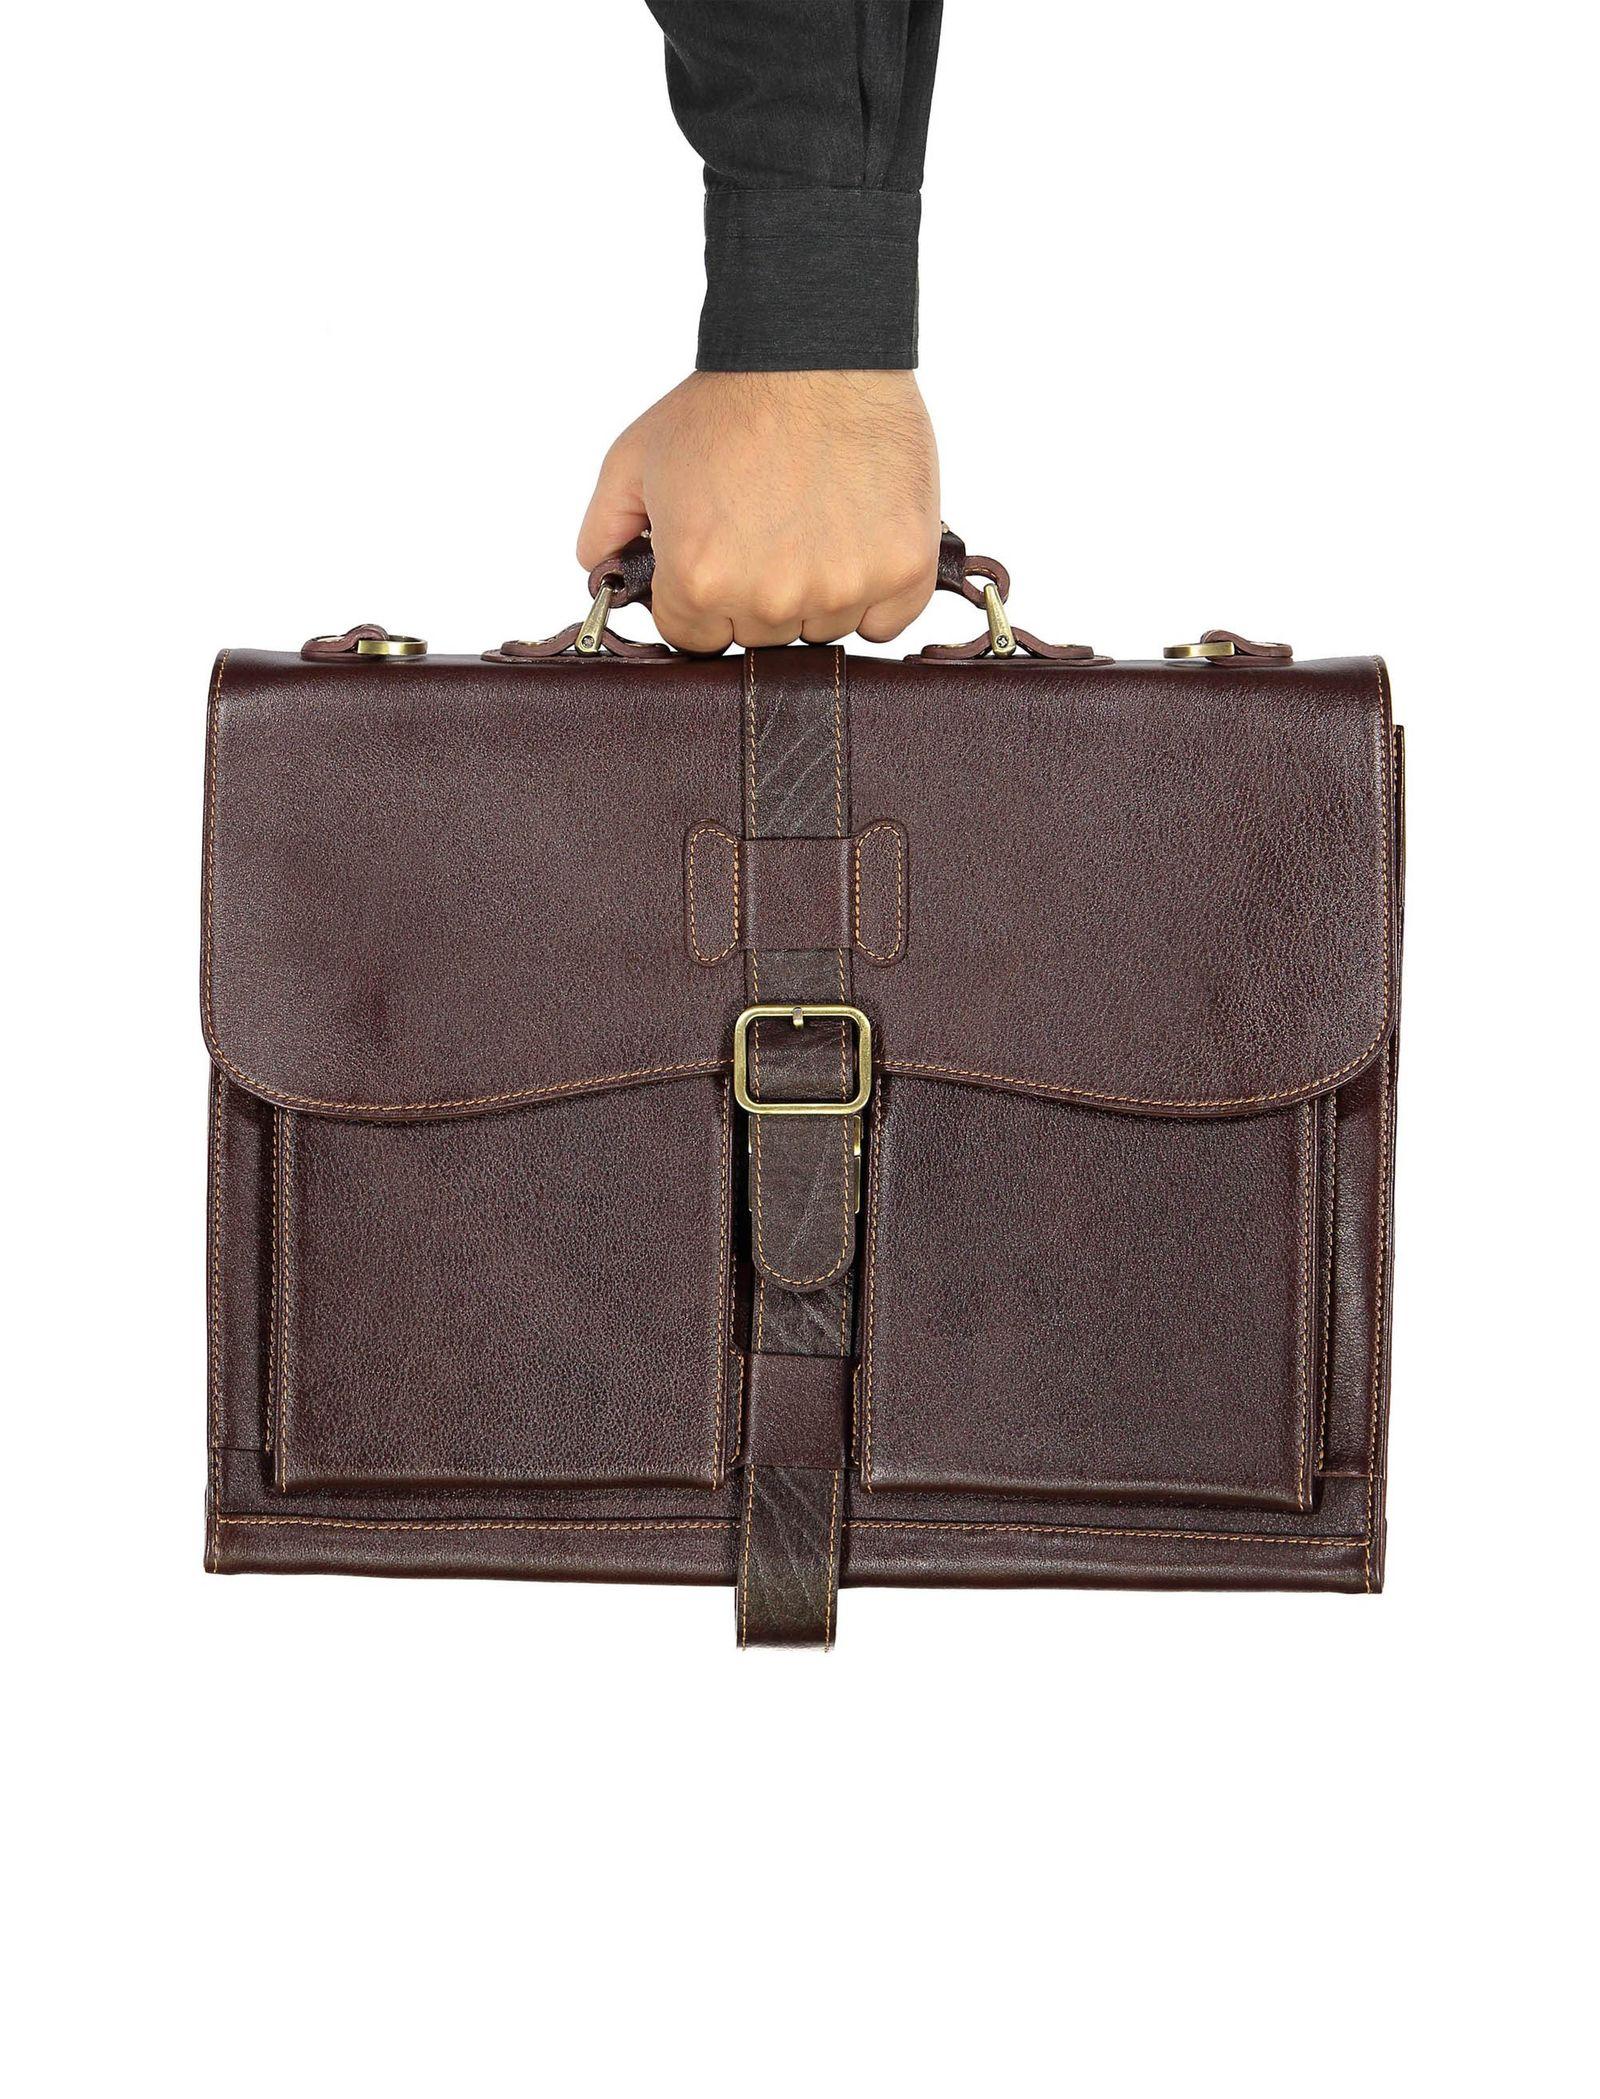 کیف دستی چرم بزرگسال - شهر چرم - قهوه اي  - 8